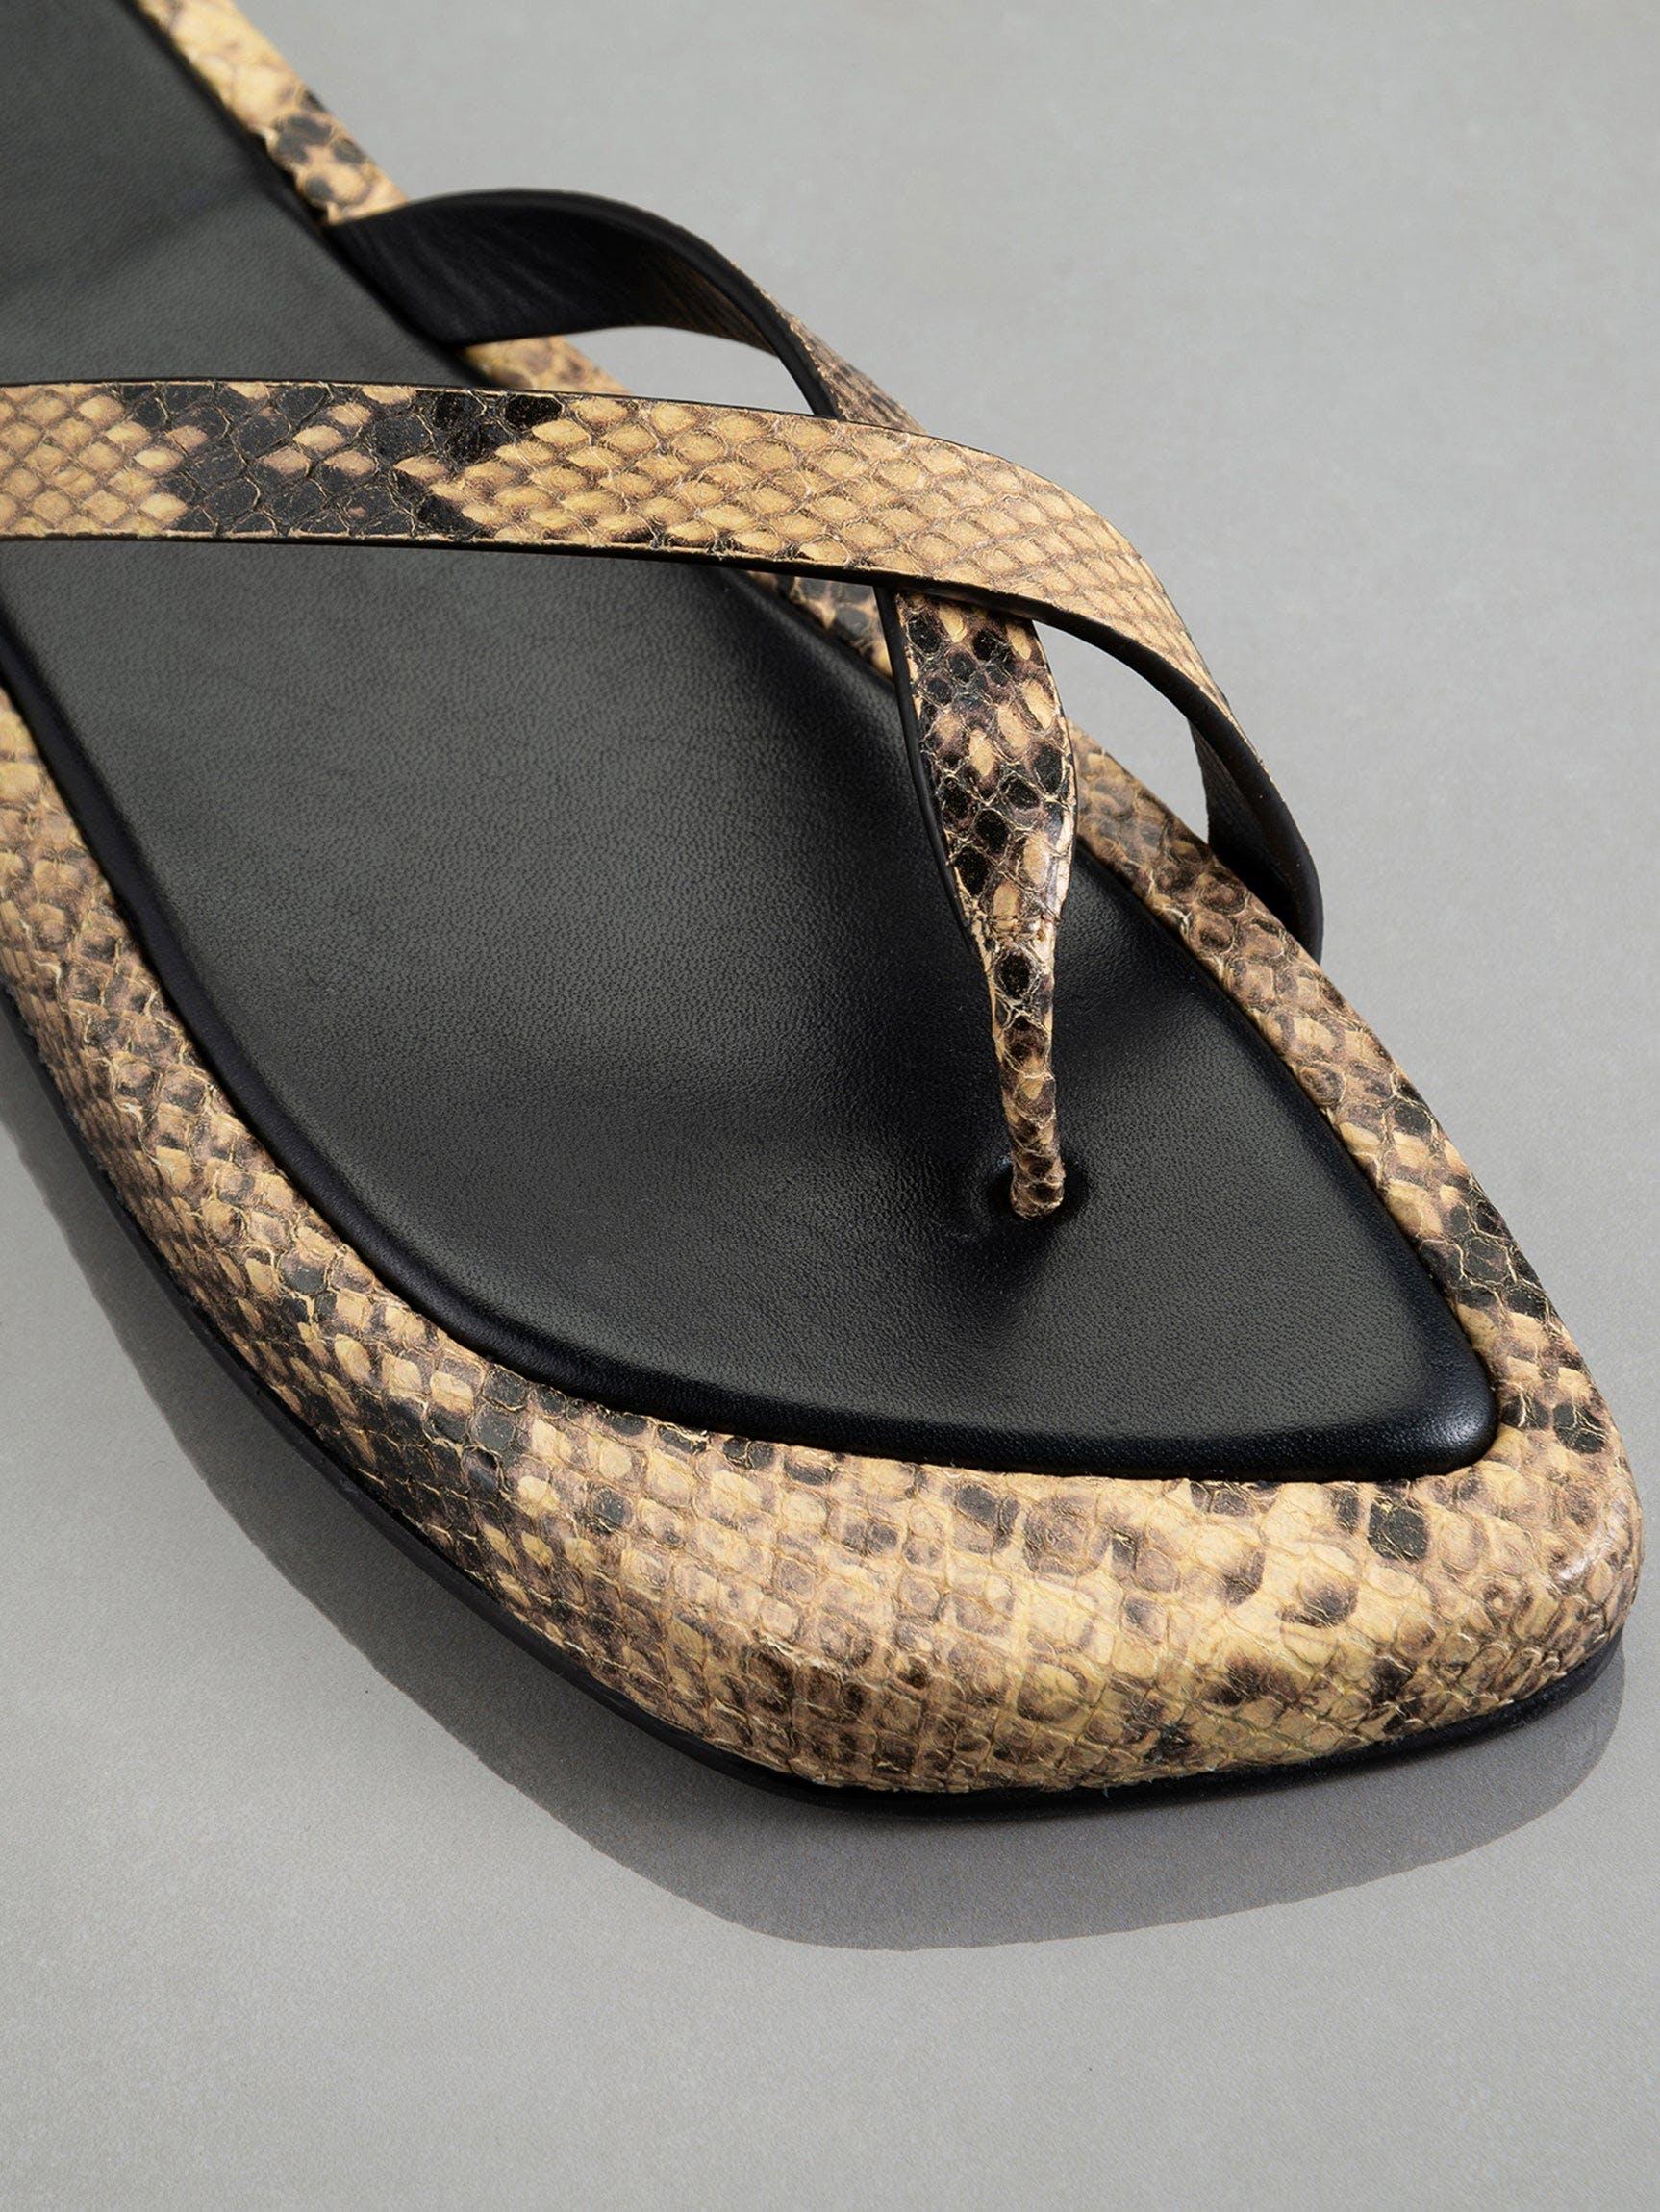 shoe detail view alt:hover